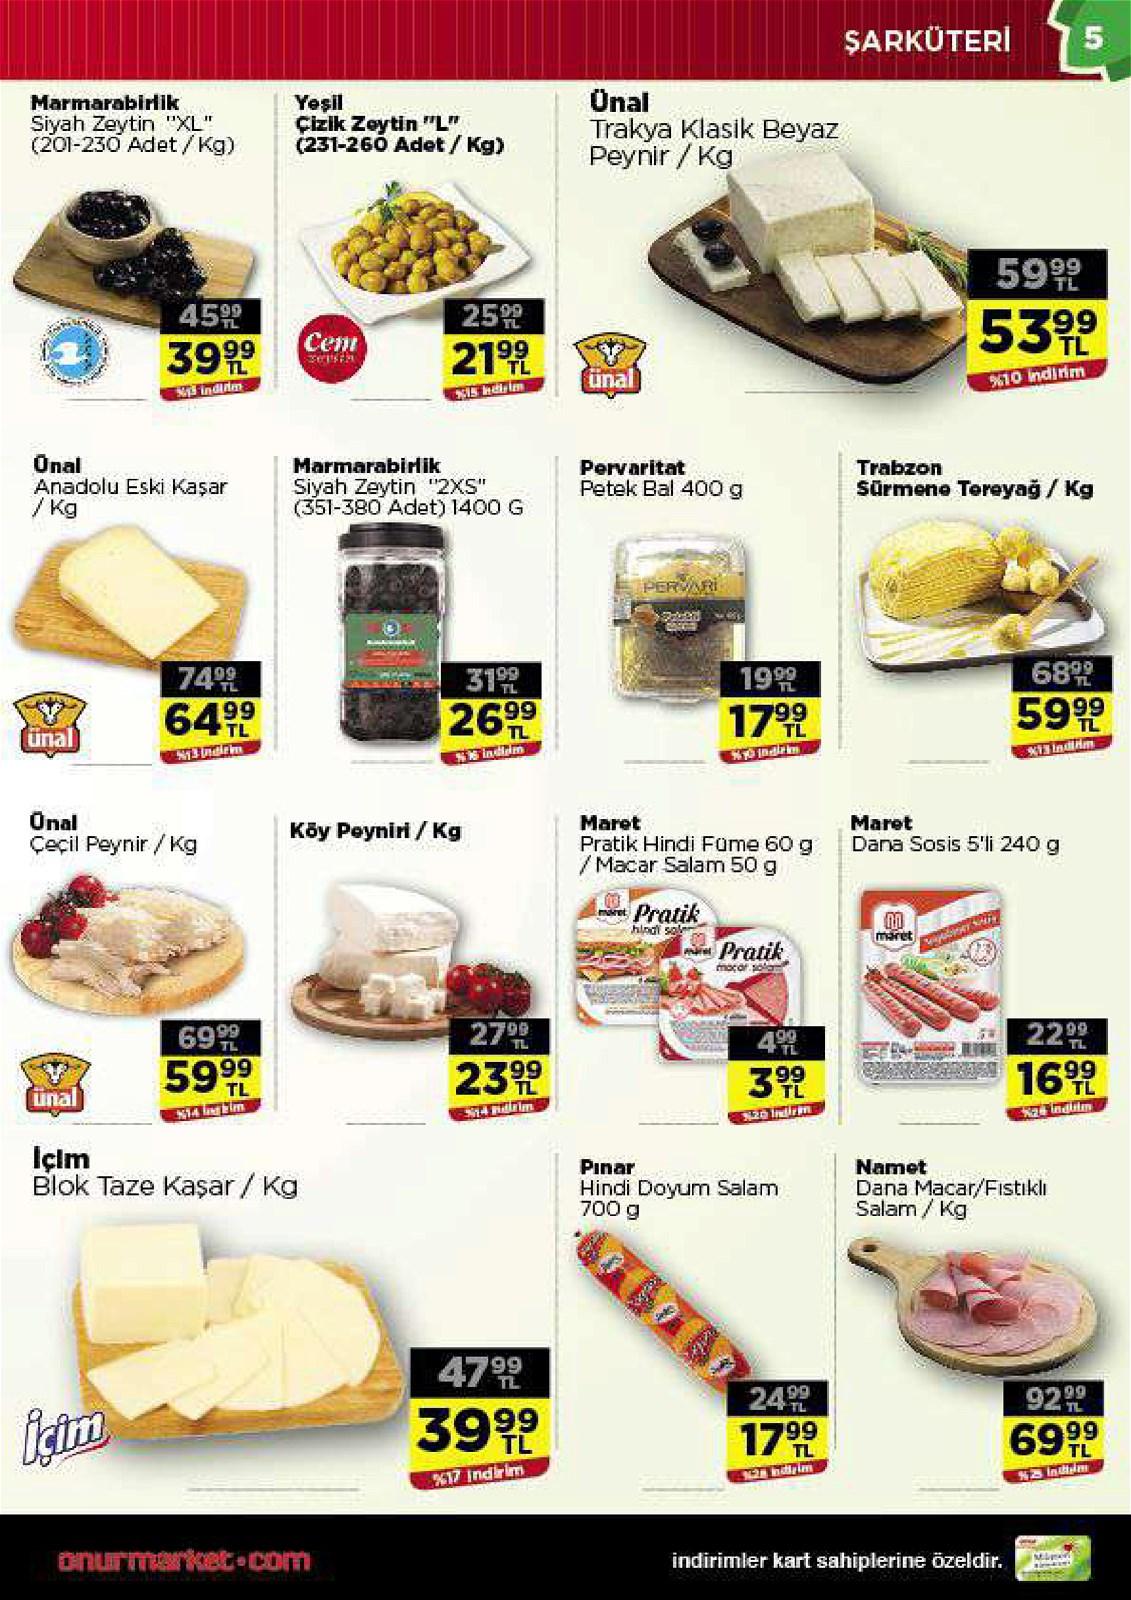 03.06.2021 Onur Market broşürü 5. sayfa